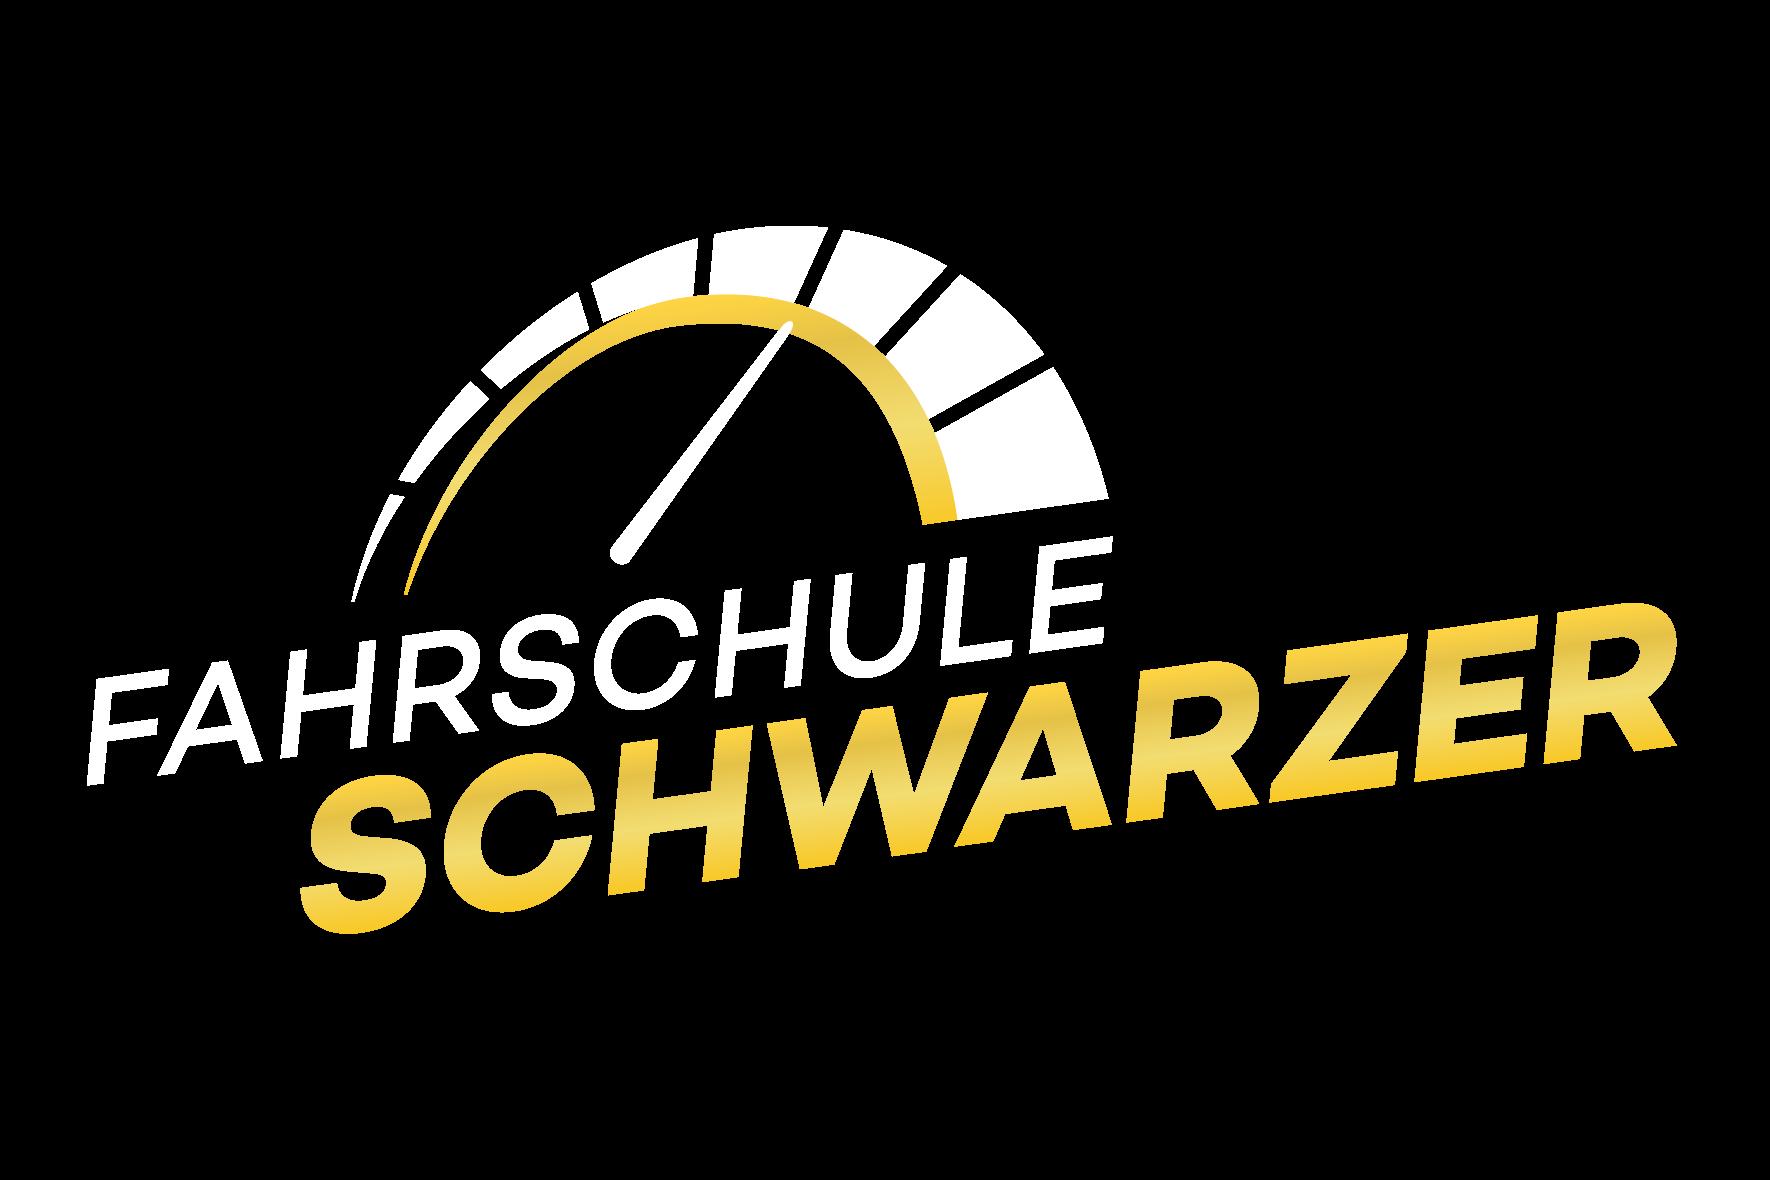 Fahrschule Schwarzer